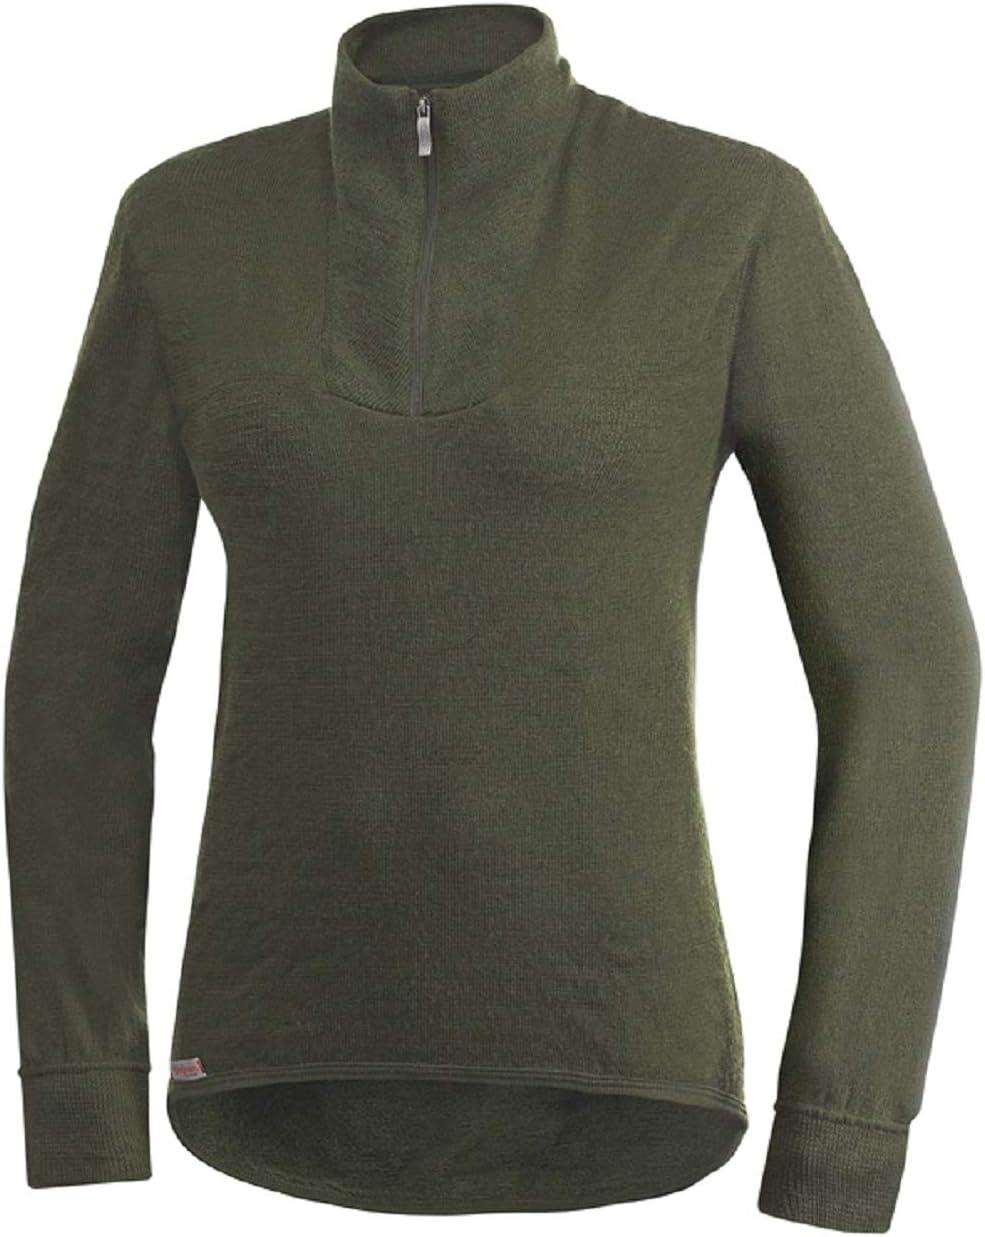 Unterw/äsche Woolpower 200 Turtleneck Long Sleeve Zipp Shirt Men